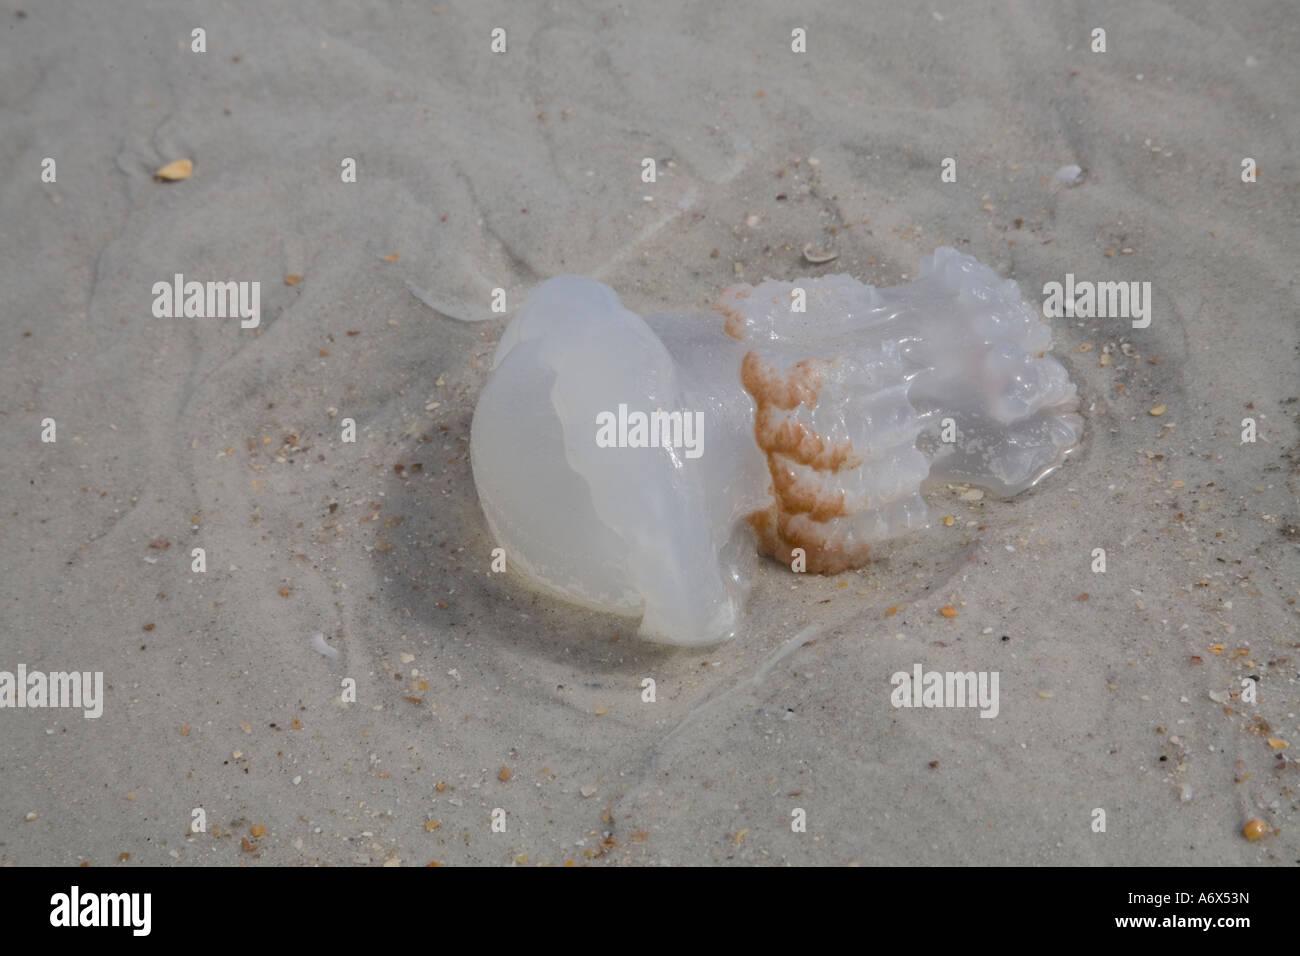 Florida Jellyfish Stock Photos & Florida Jellyfish Stock